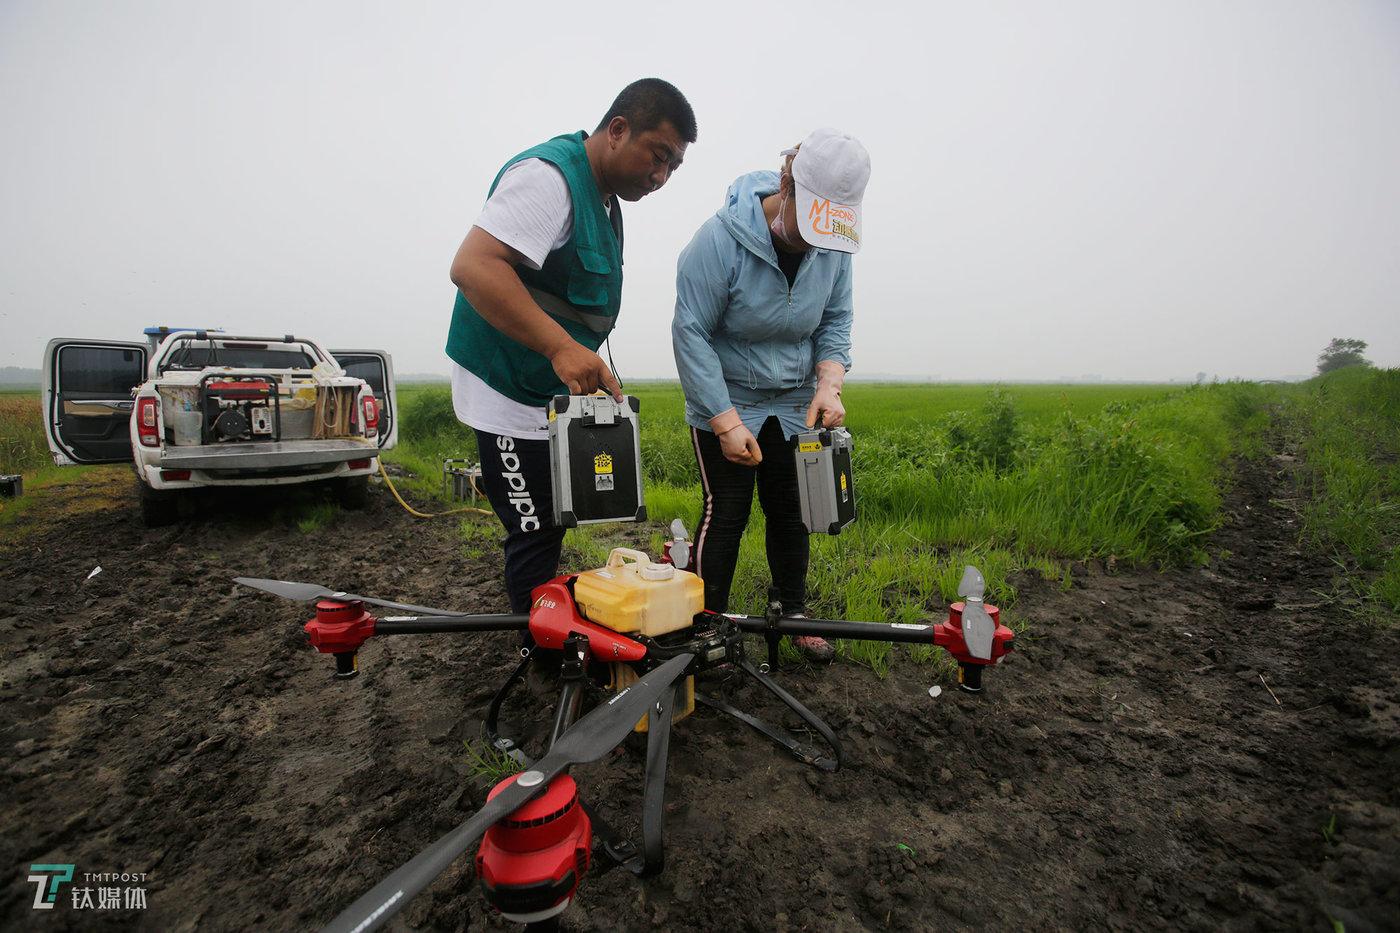 一次飞行完成,夫妻俩给飞机换电池和药瓶。夫妻两人同岁,都是1989年生,都在农场长大,也都喜欢农机具,家里在农场开了一个农药生资小店。